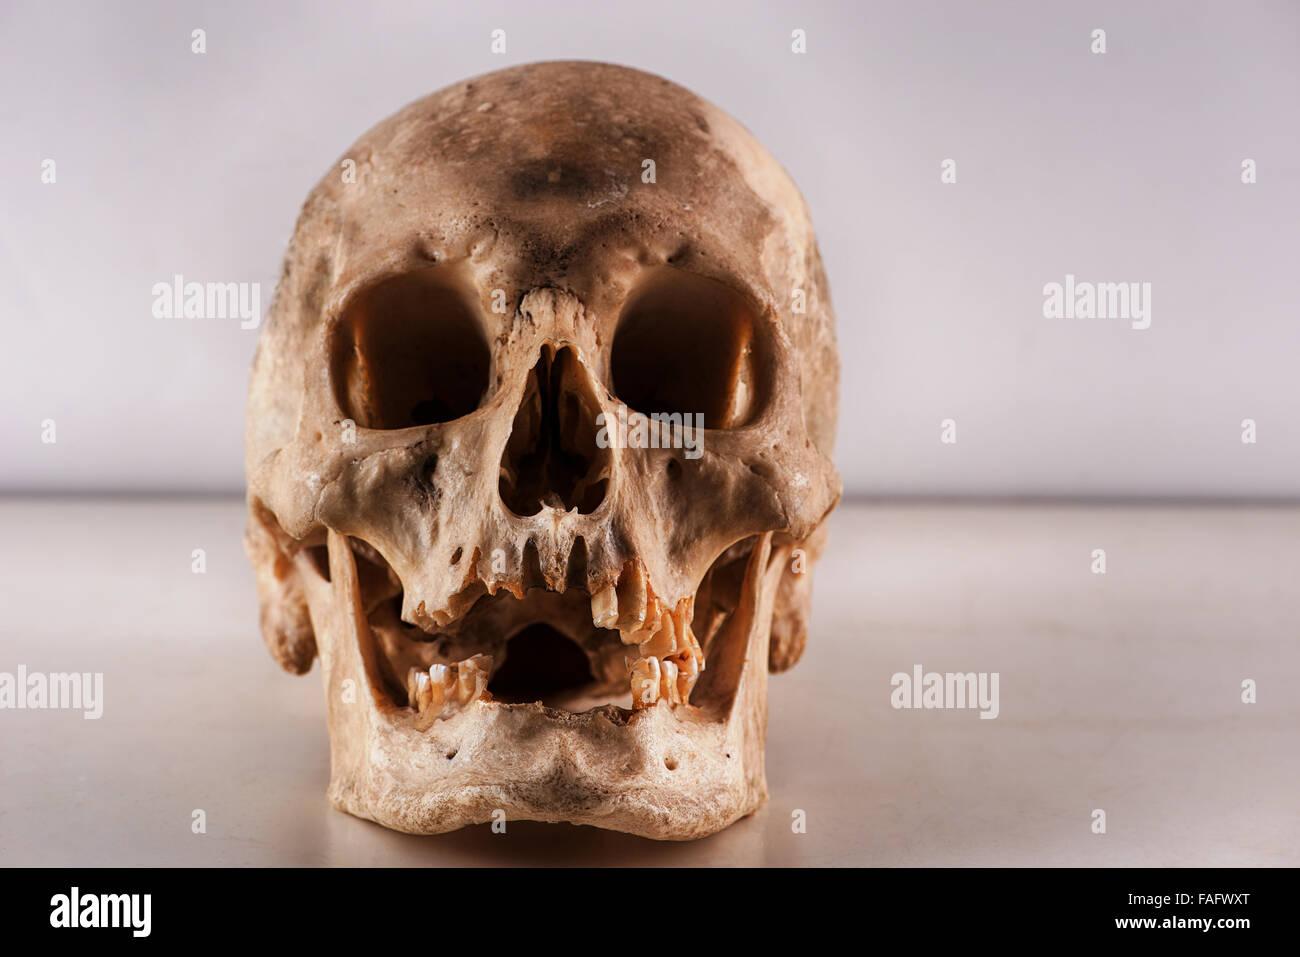 Anatomie und Physiologie des echten menschlichen Schädel Schädel für ...